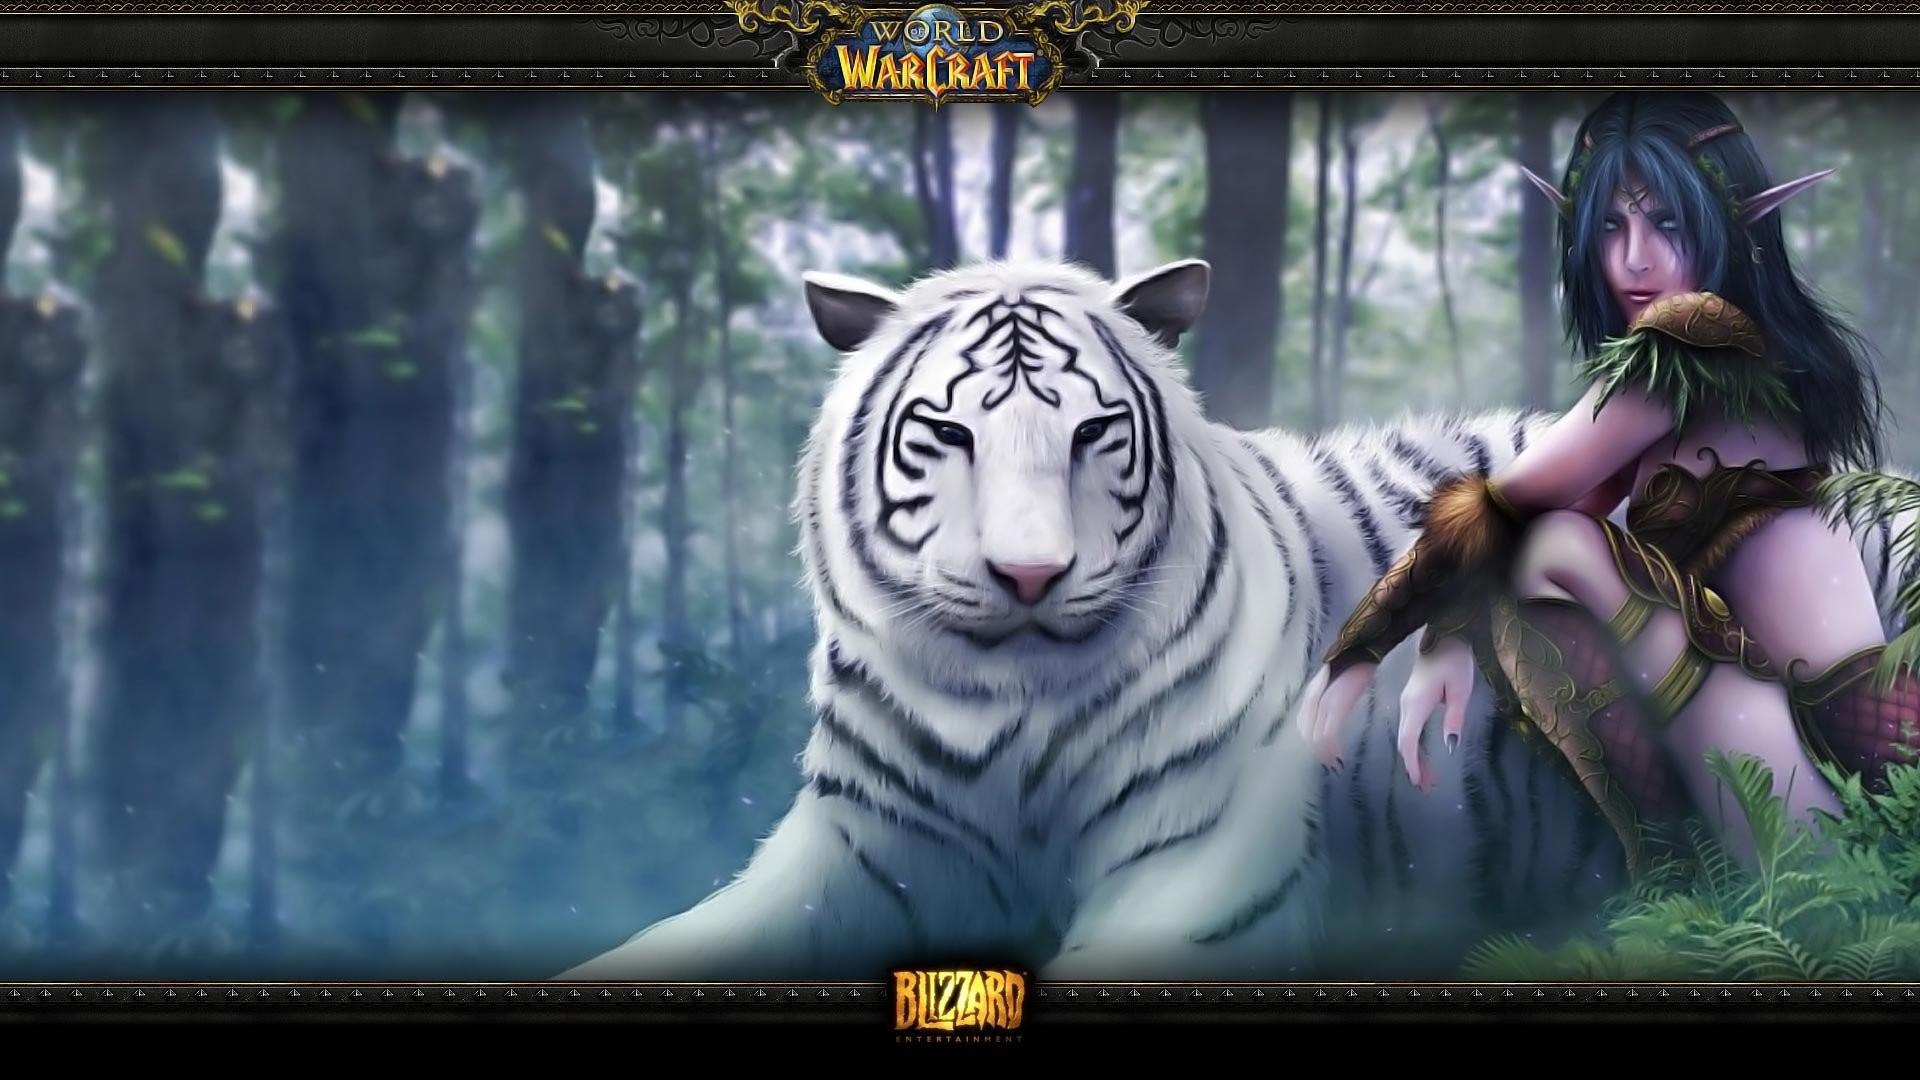 … wallpaper; warcraft 3 night elf walldevil …